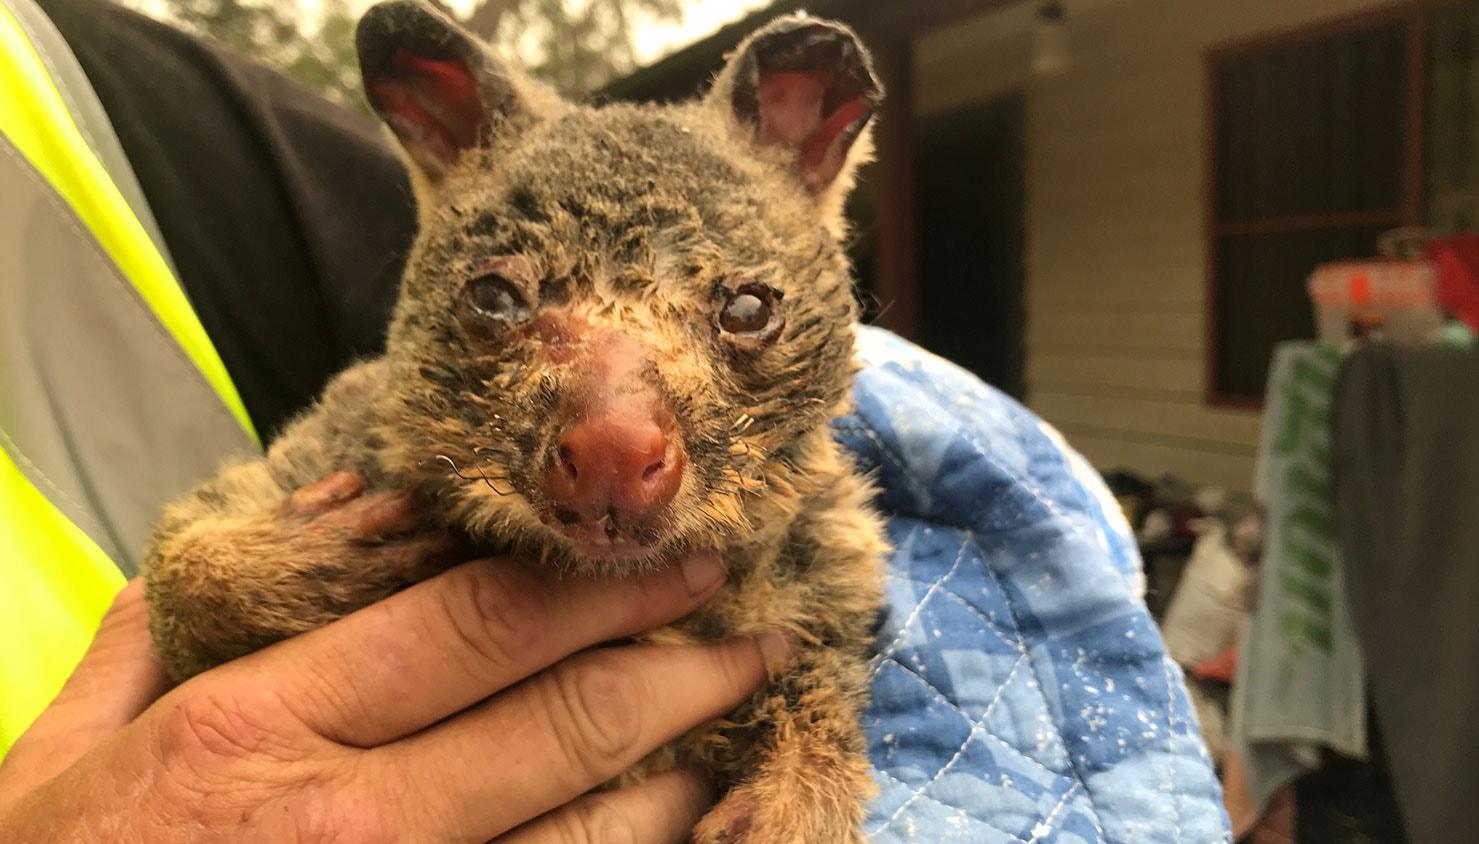 Gambá com queimaduras graves resgatado perto das Montanhas Azuis australianas | Jill Gralow - Reuters